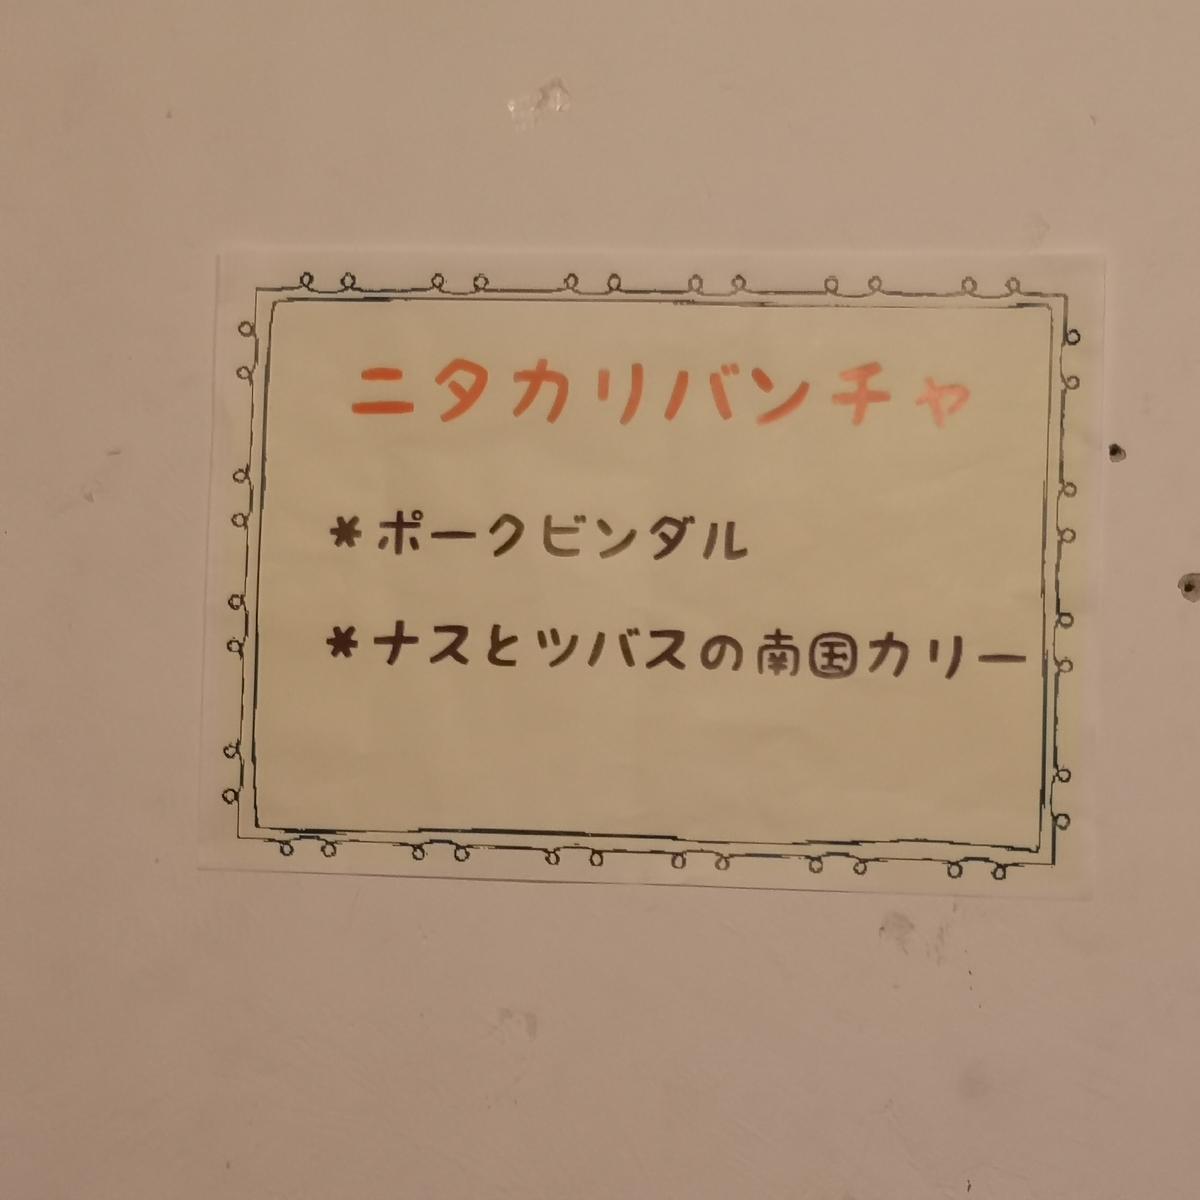 カレー事情聴取スパイス定食&バルVol.7 2019年10月18日 二タカリバンチャ メニュー